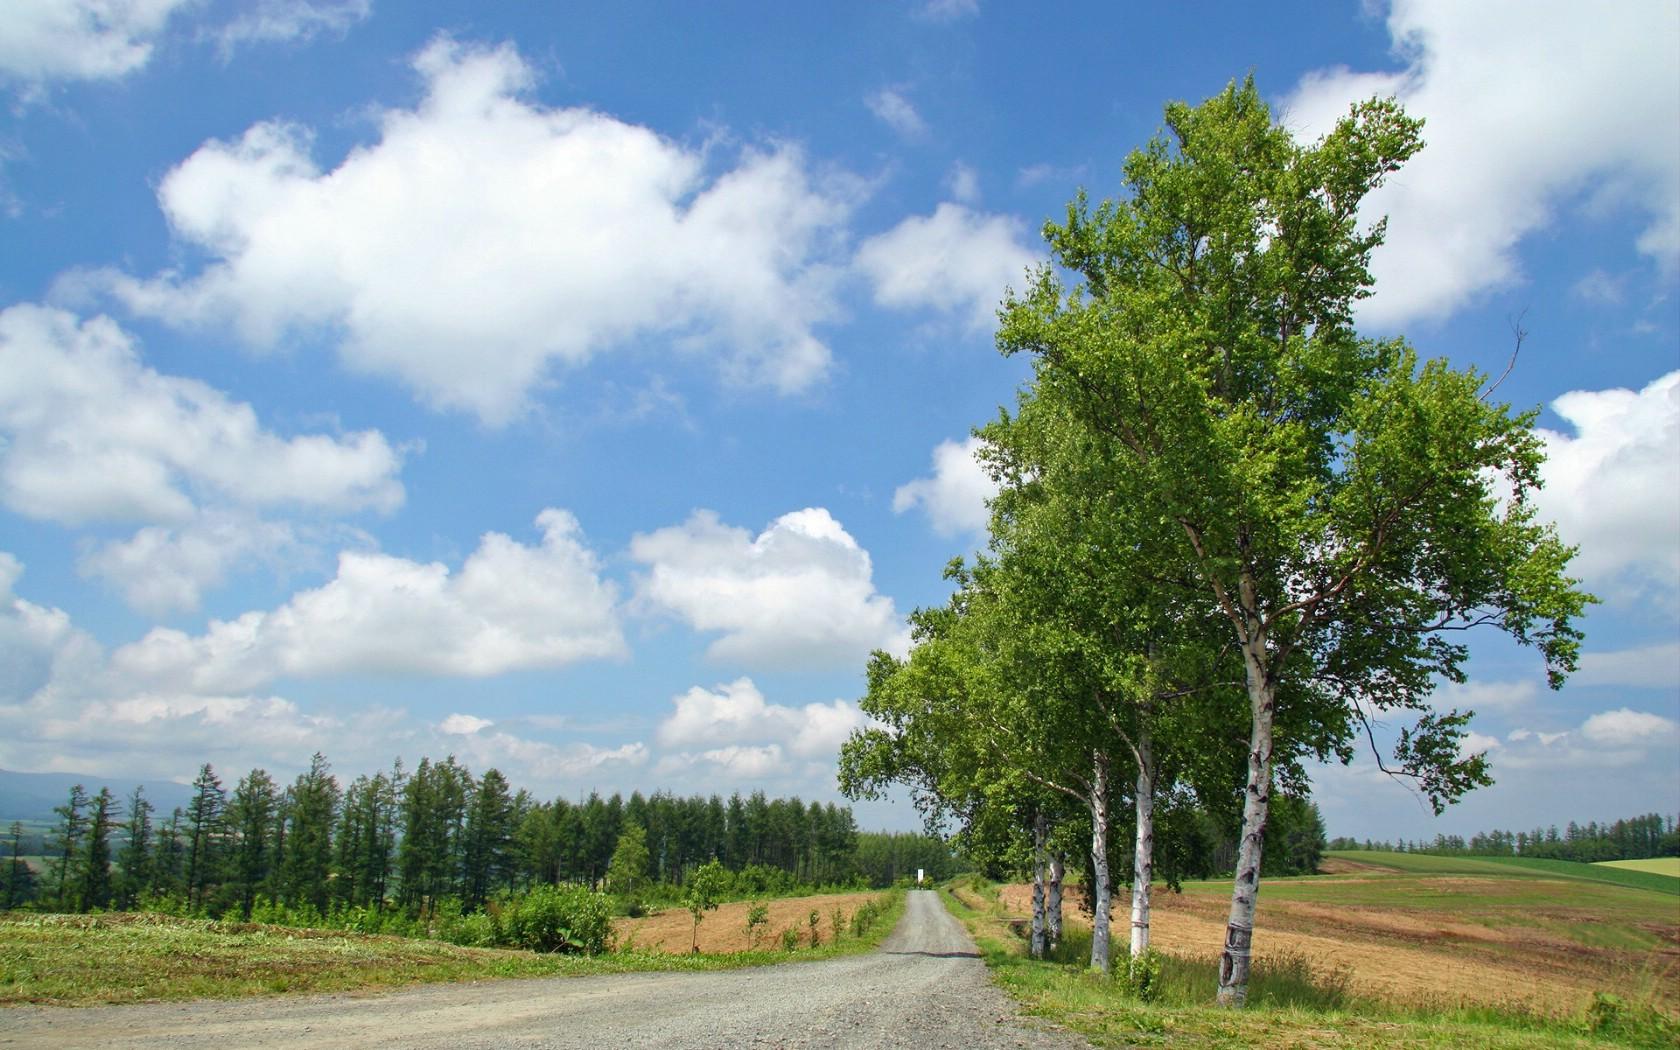 北海道天堂富良野与美瑛田园摄影集壁纸图片-风景壁纸-风景图片素材